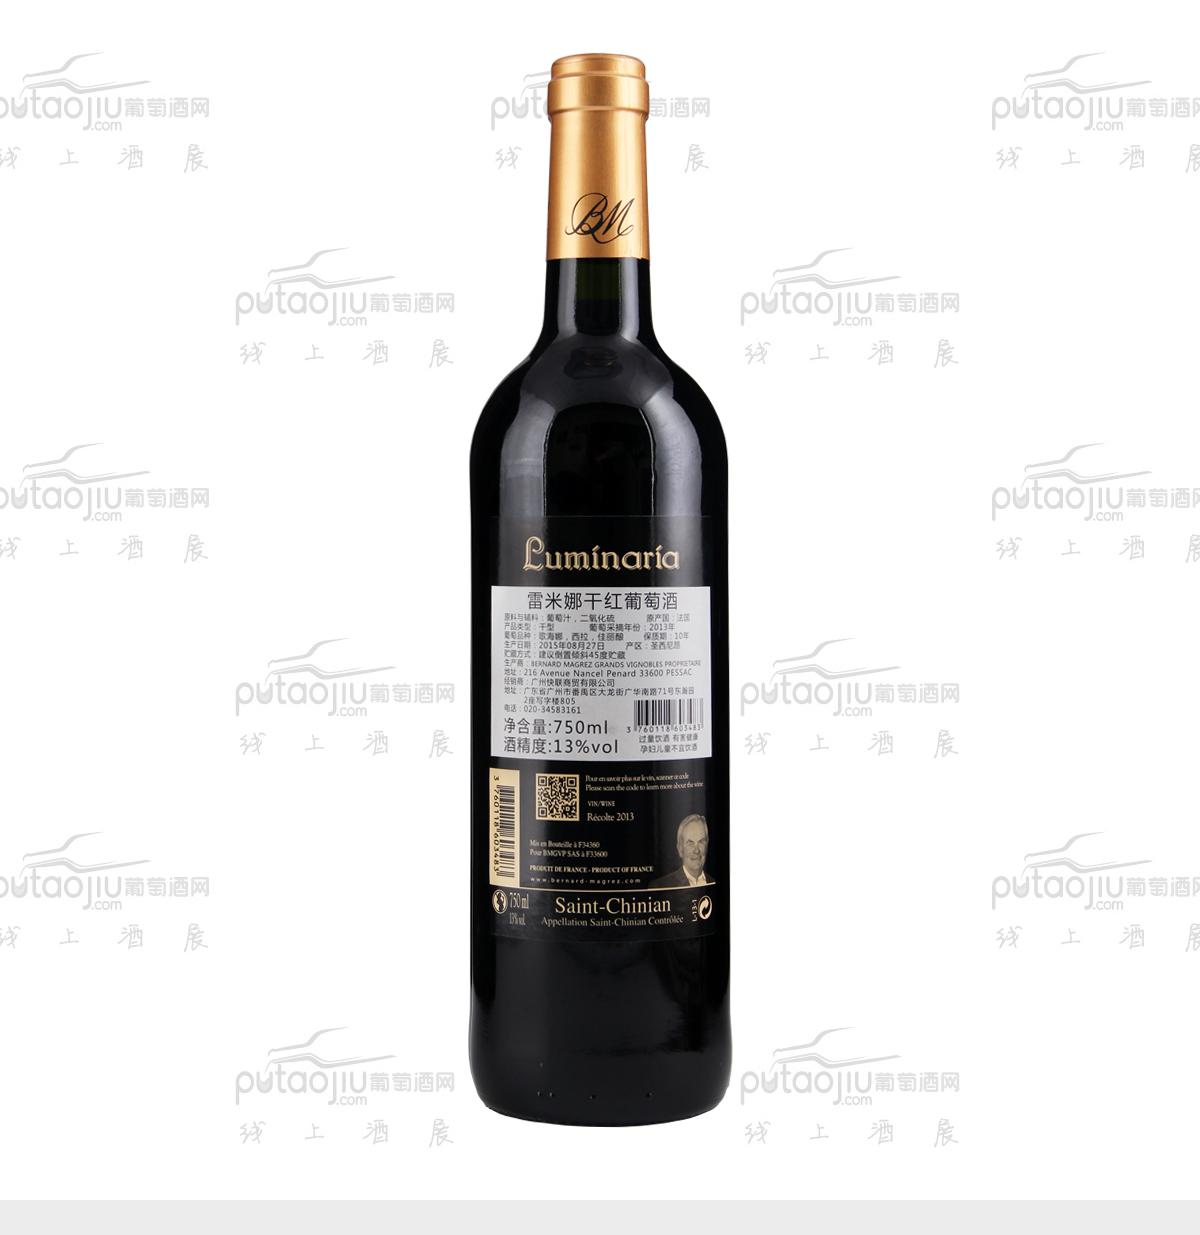 蕾米娜干红葡萄酒2013